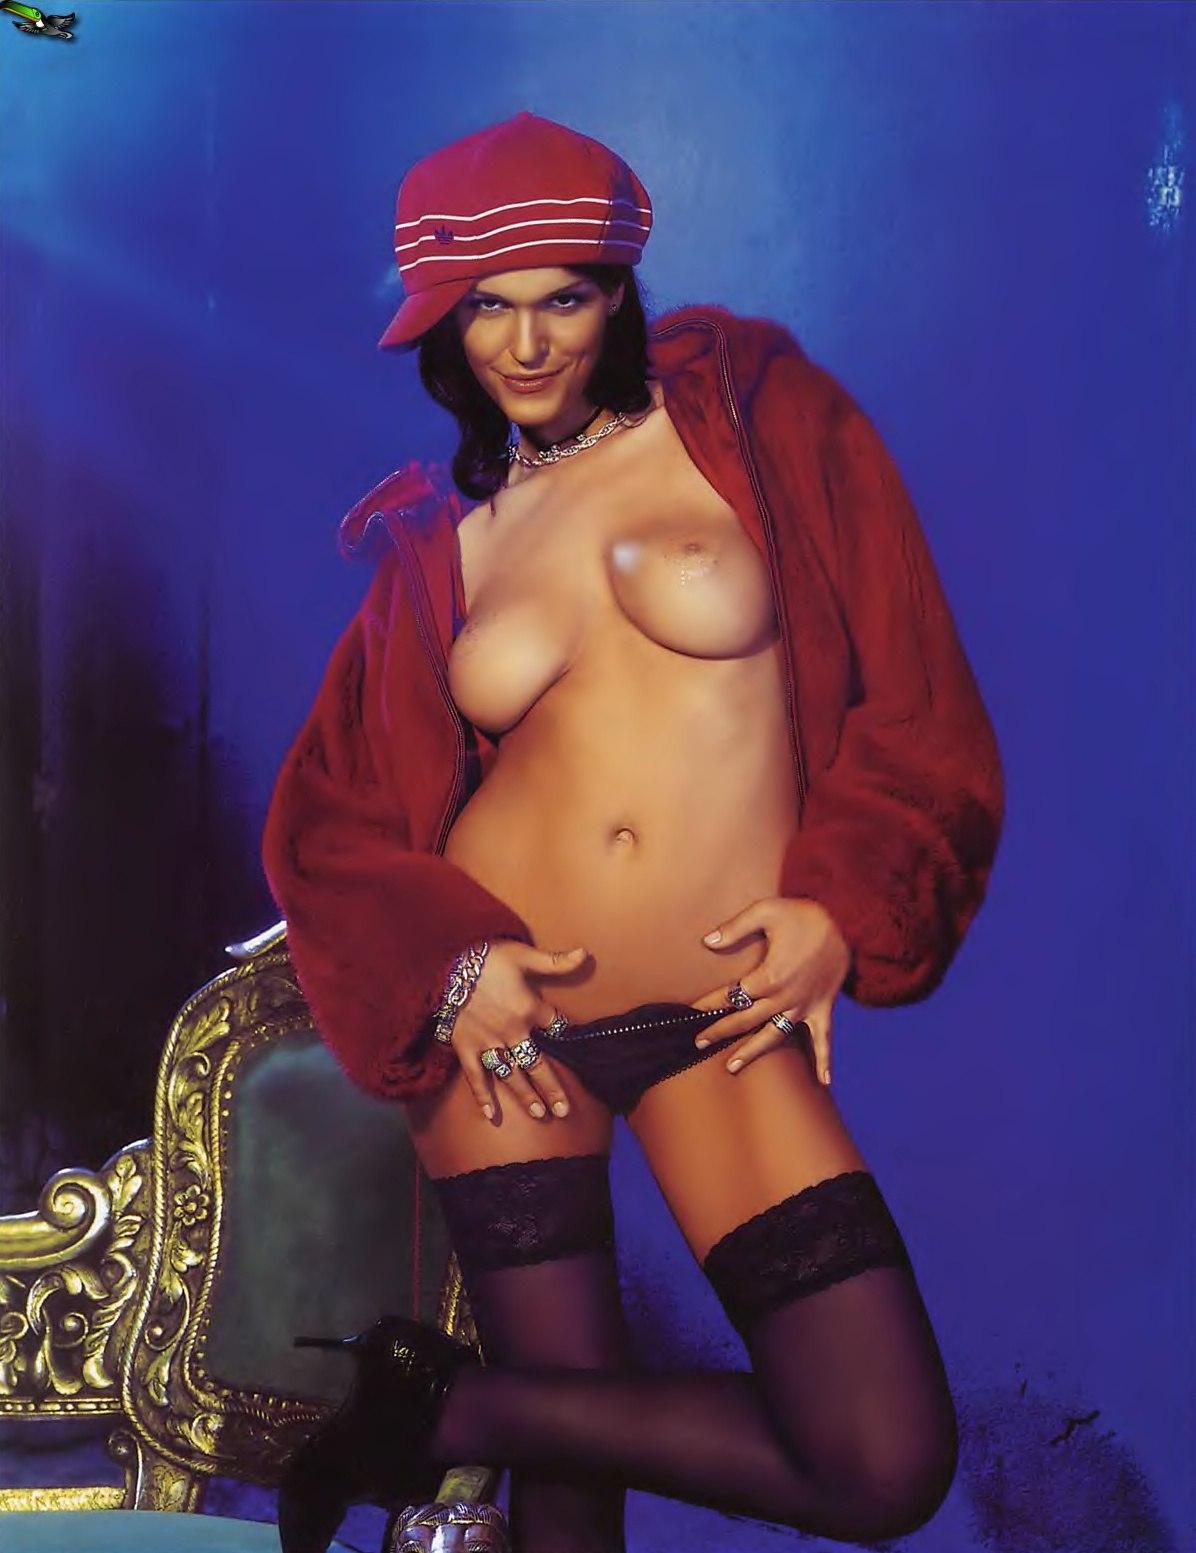 женщина красива, голые русские эстрадные знаменитости вдруг катя